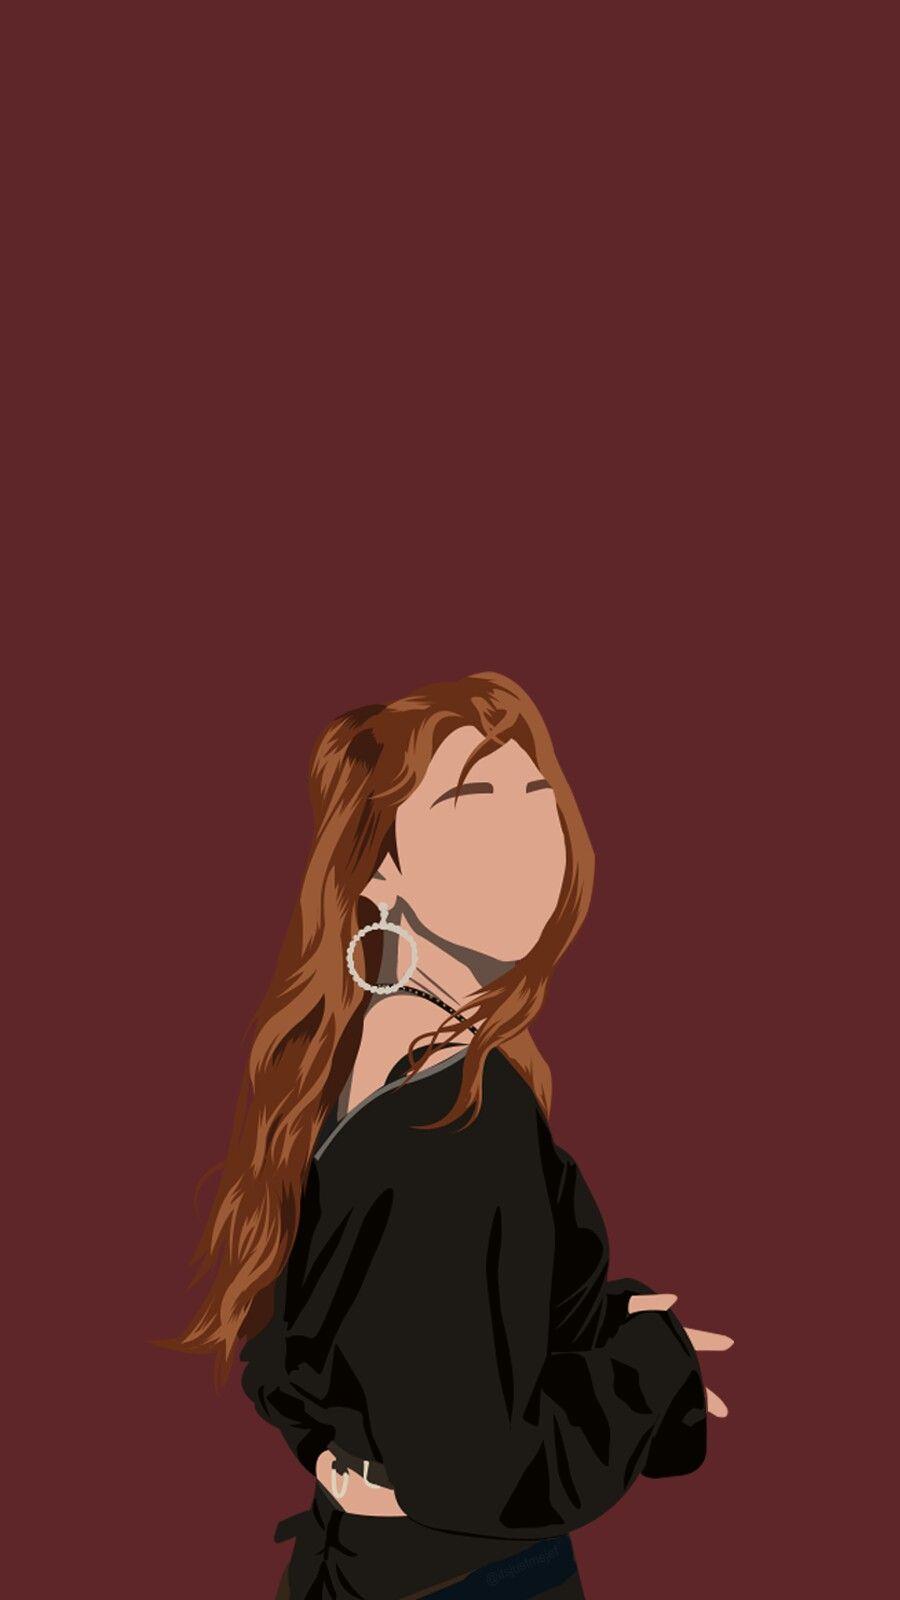 Kang Mina Dengan Gambar Ilustrasi Karakter Gambar Ilustrator